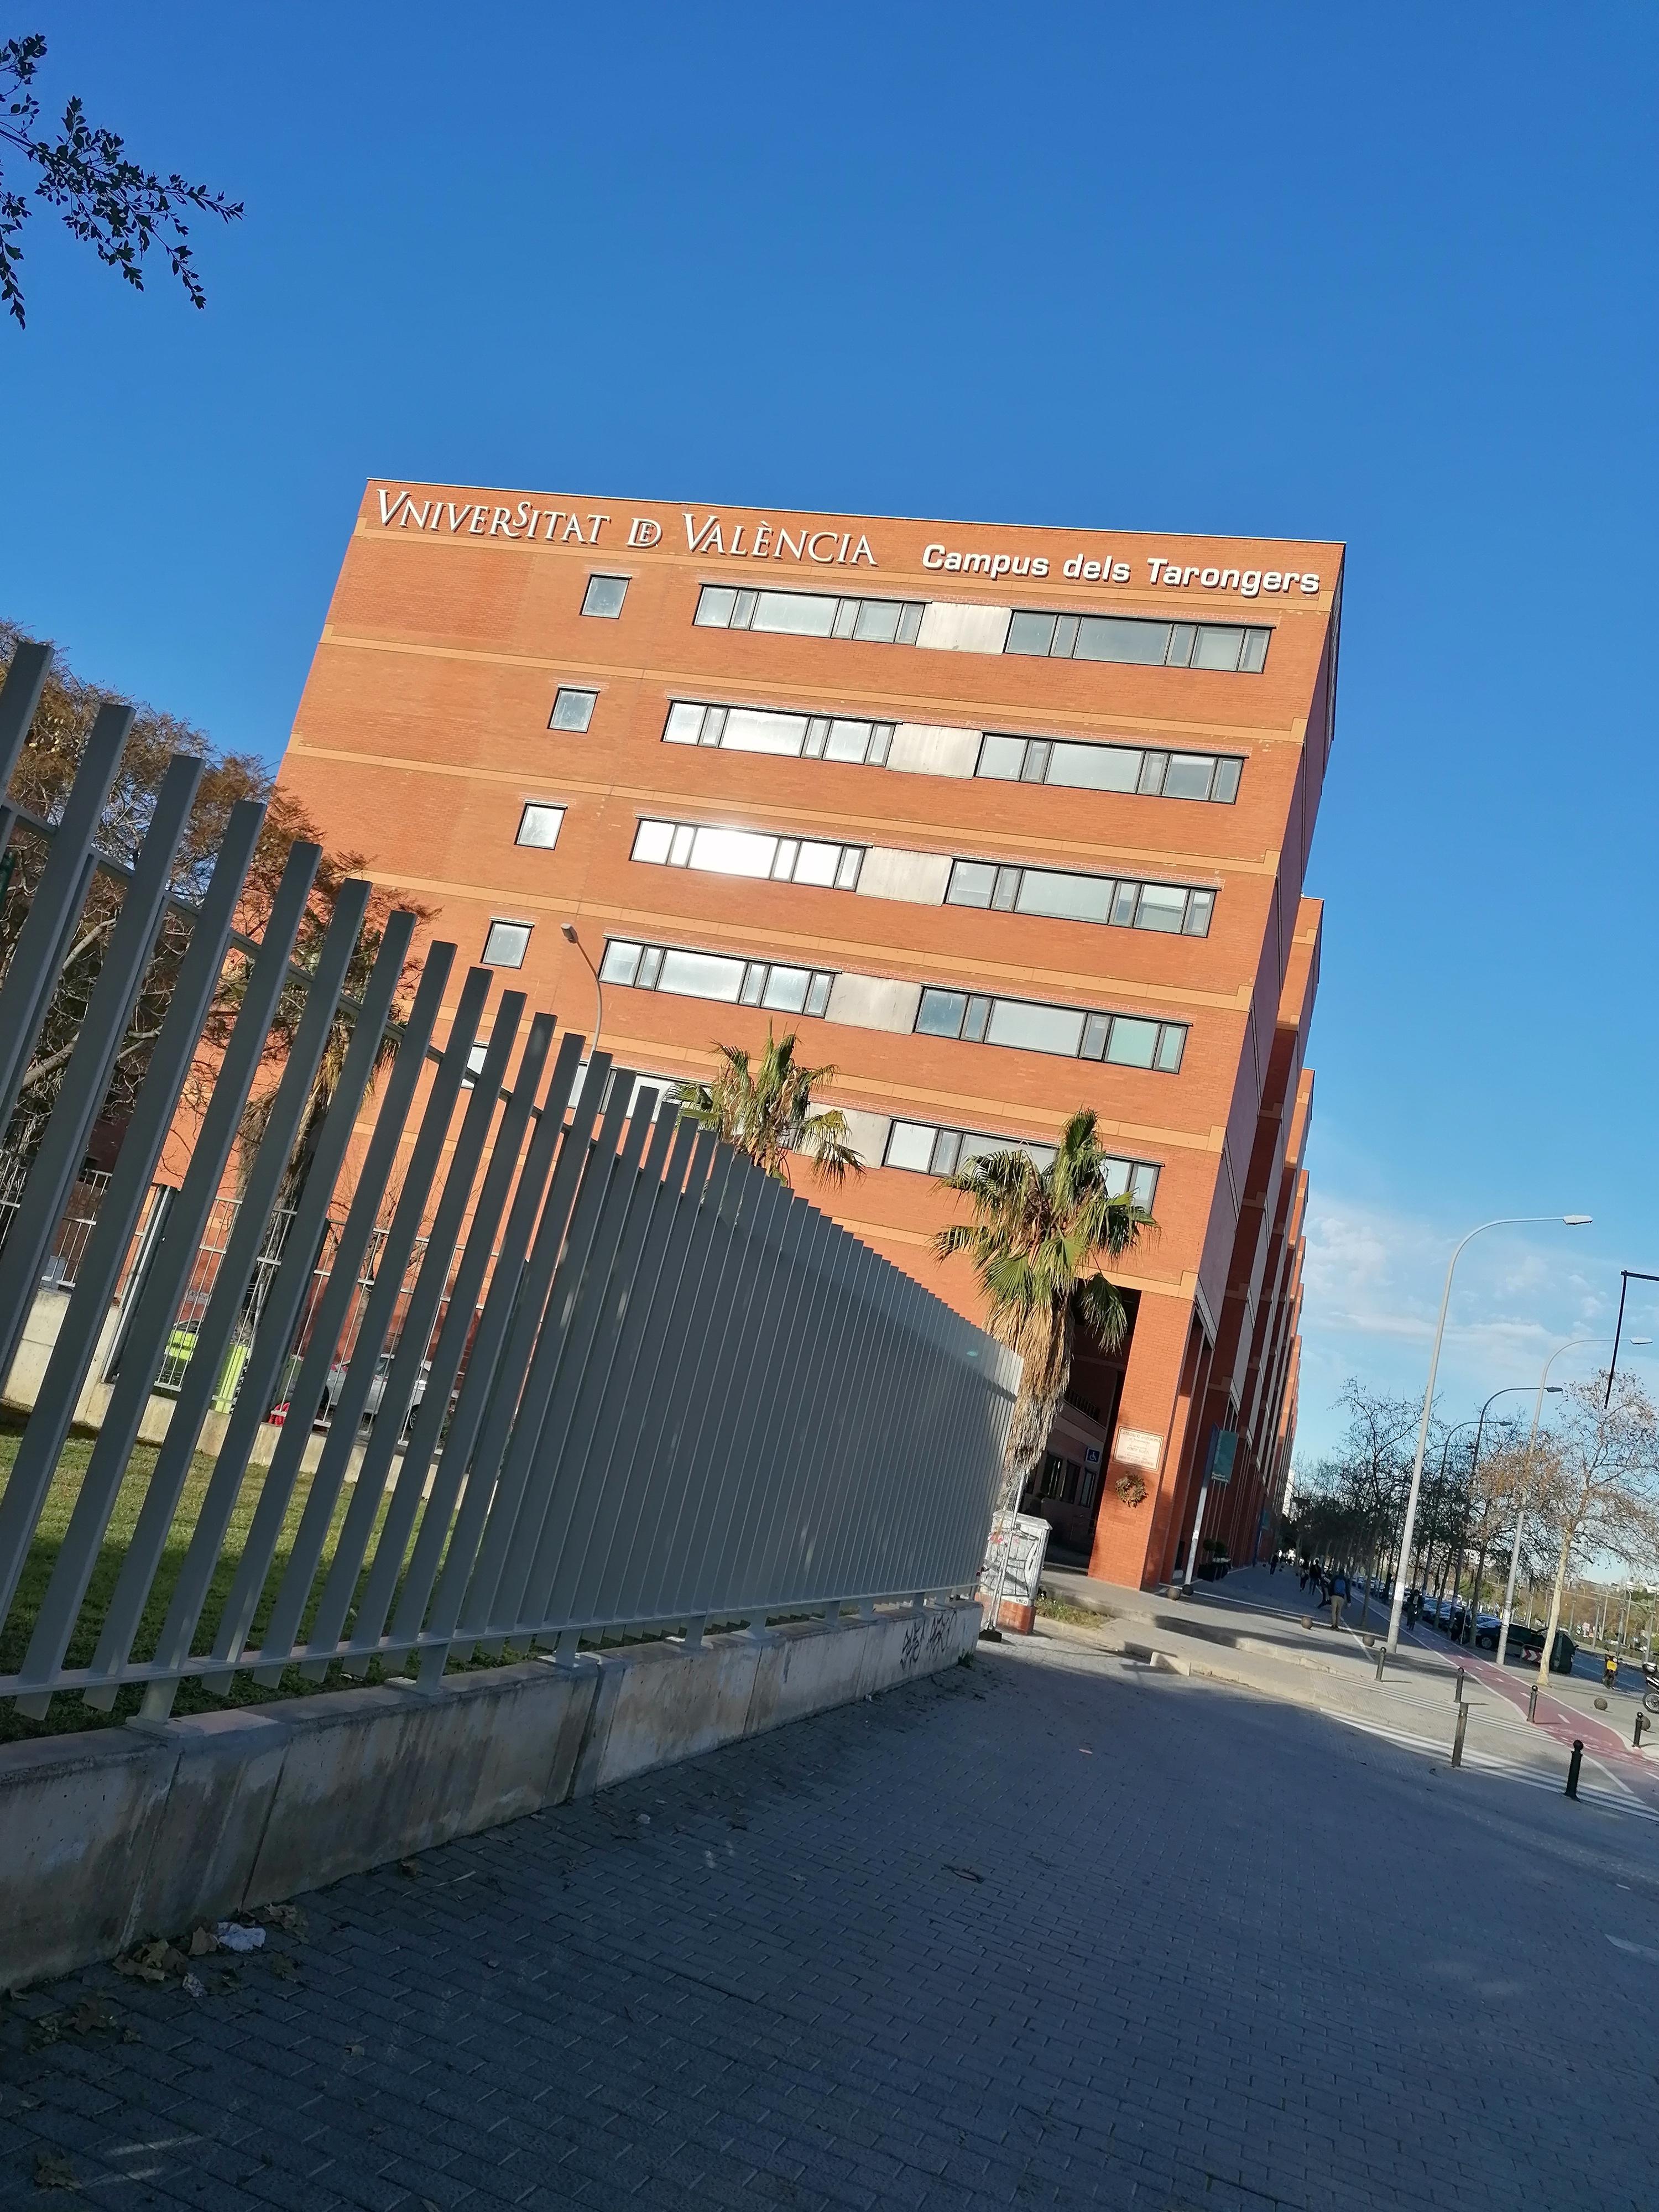 Egyetemi élet Valenciában